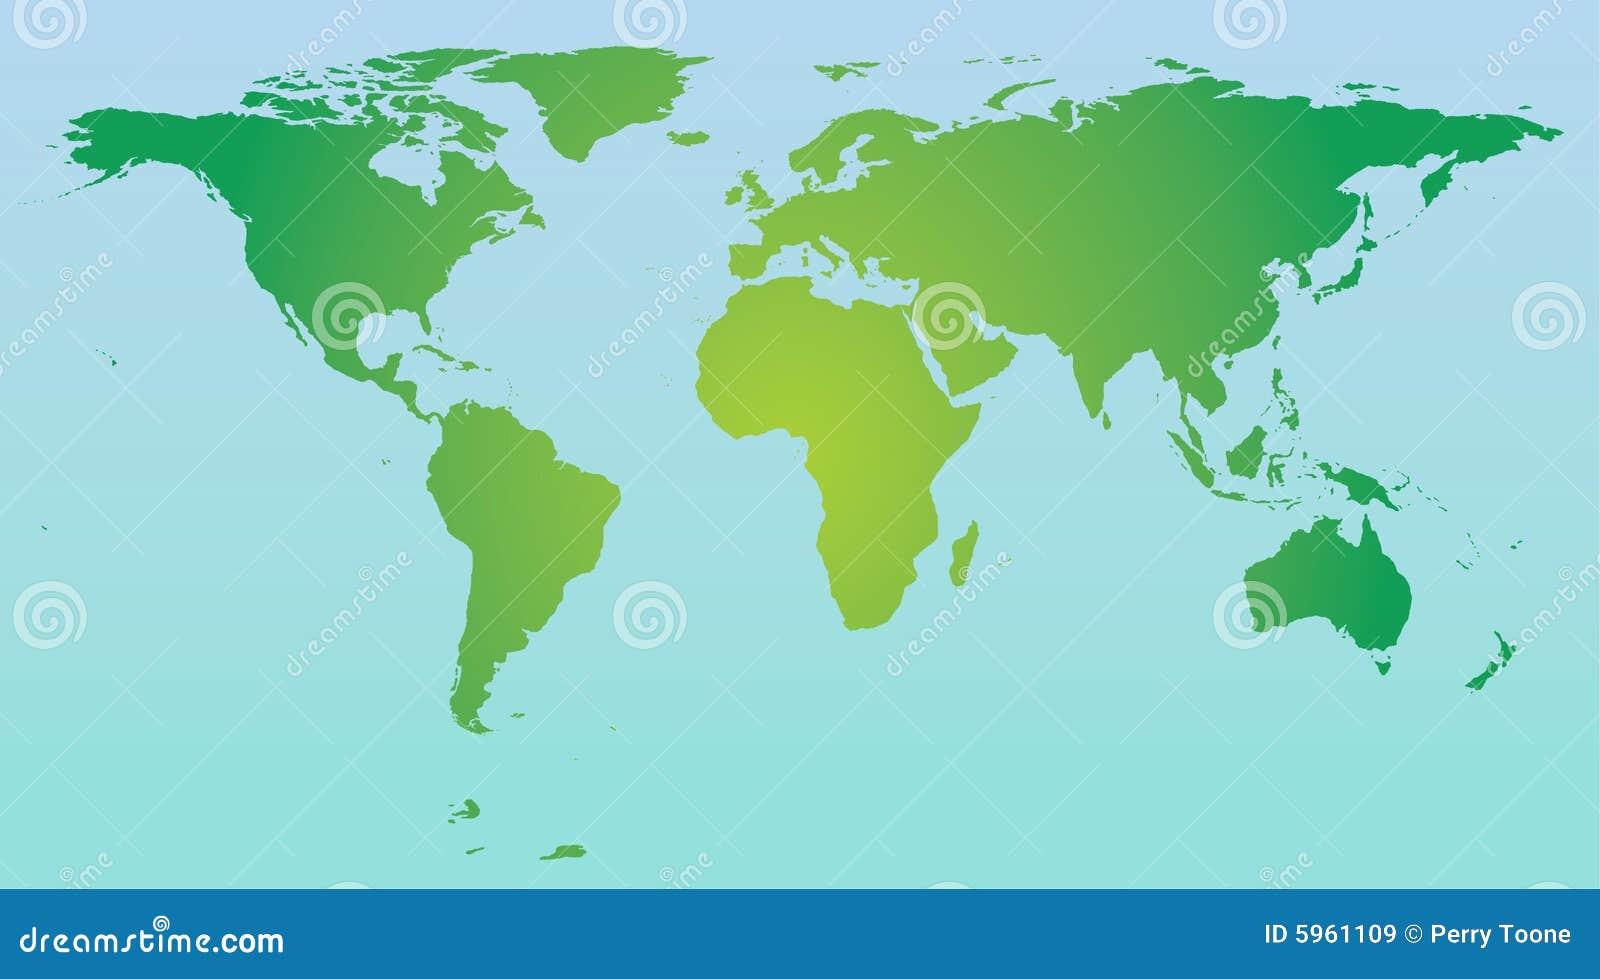 Couleur de carte du monde images libres de droits image 5961109 - Carte du monde en couleur ...